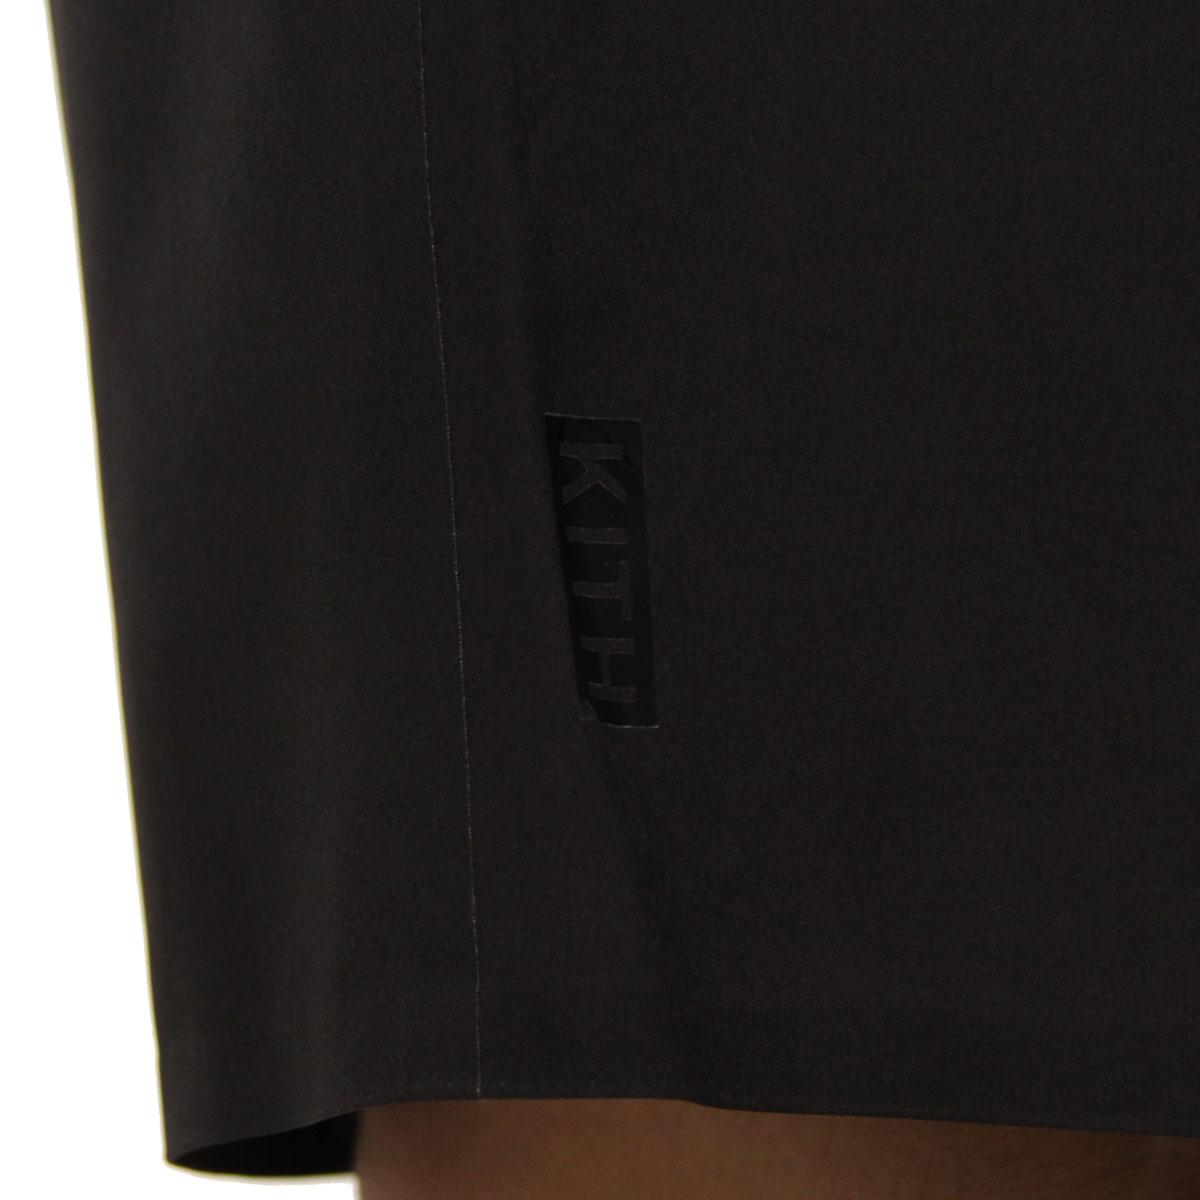 キス 水着 メンズ 正規品 KITH スイムパンツ  KITH CONEY SWIM TRUNK KH7001-100 BLACK / GREY A95B B1C C2D D7E E02F